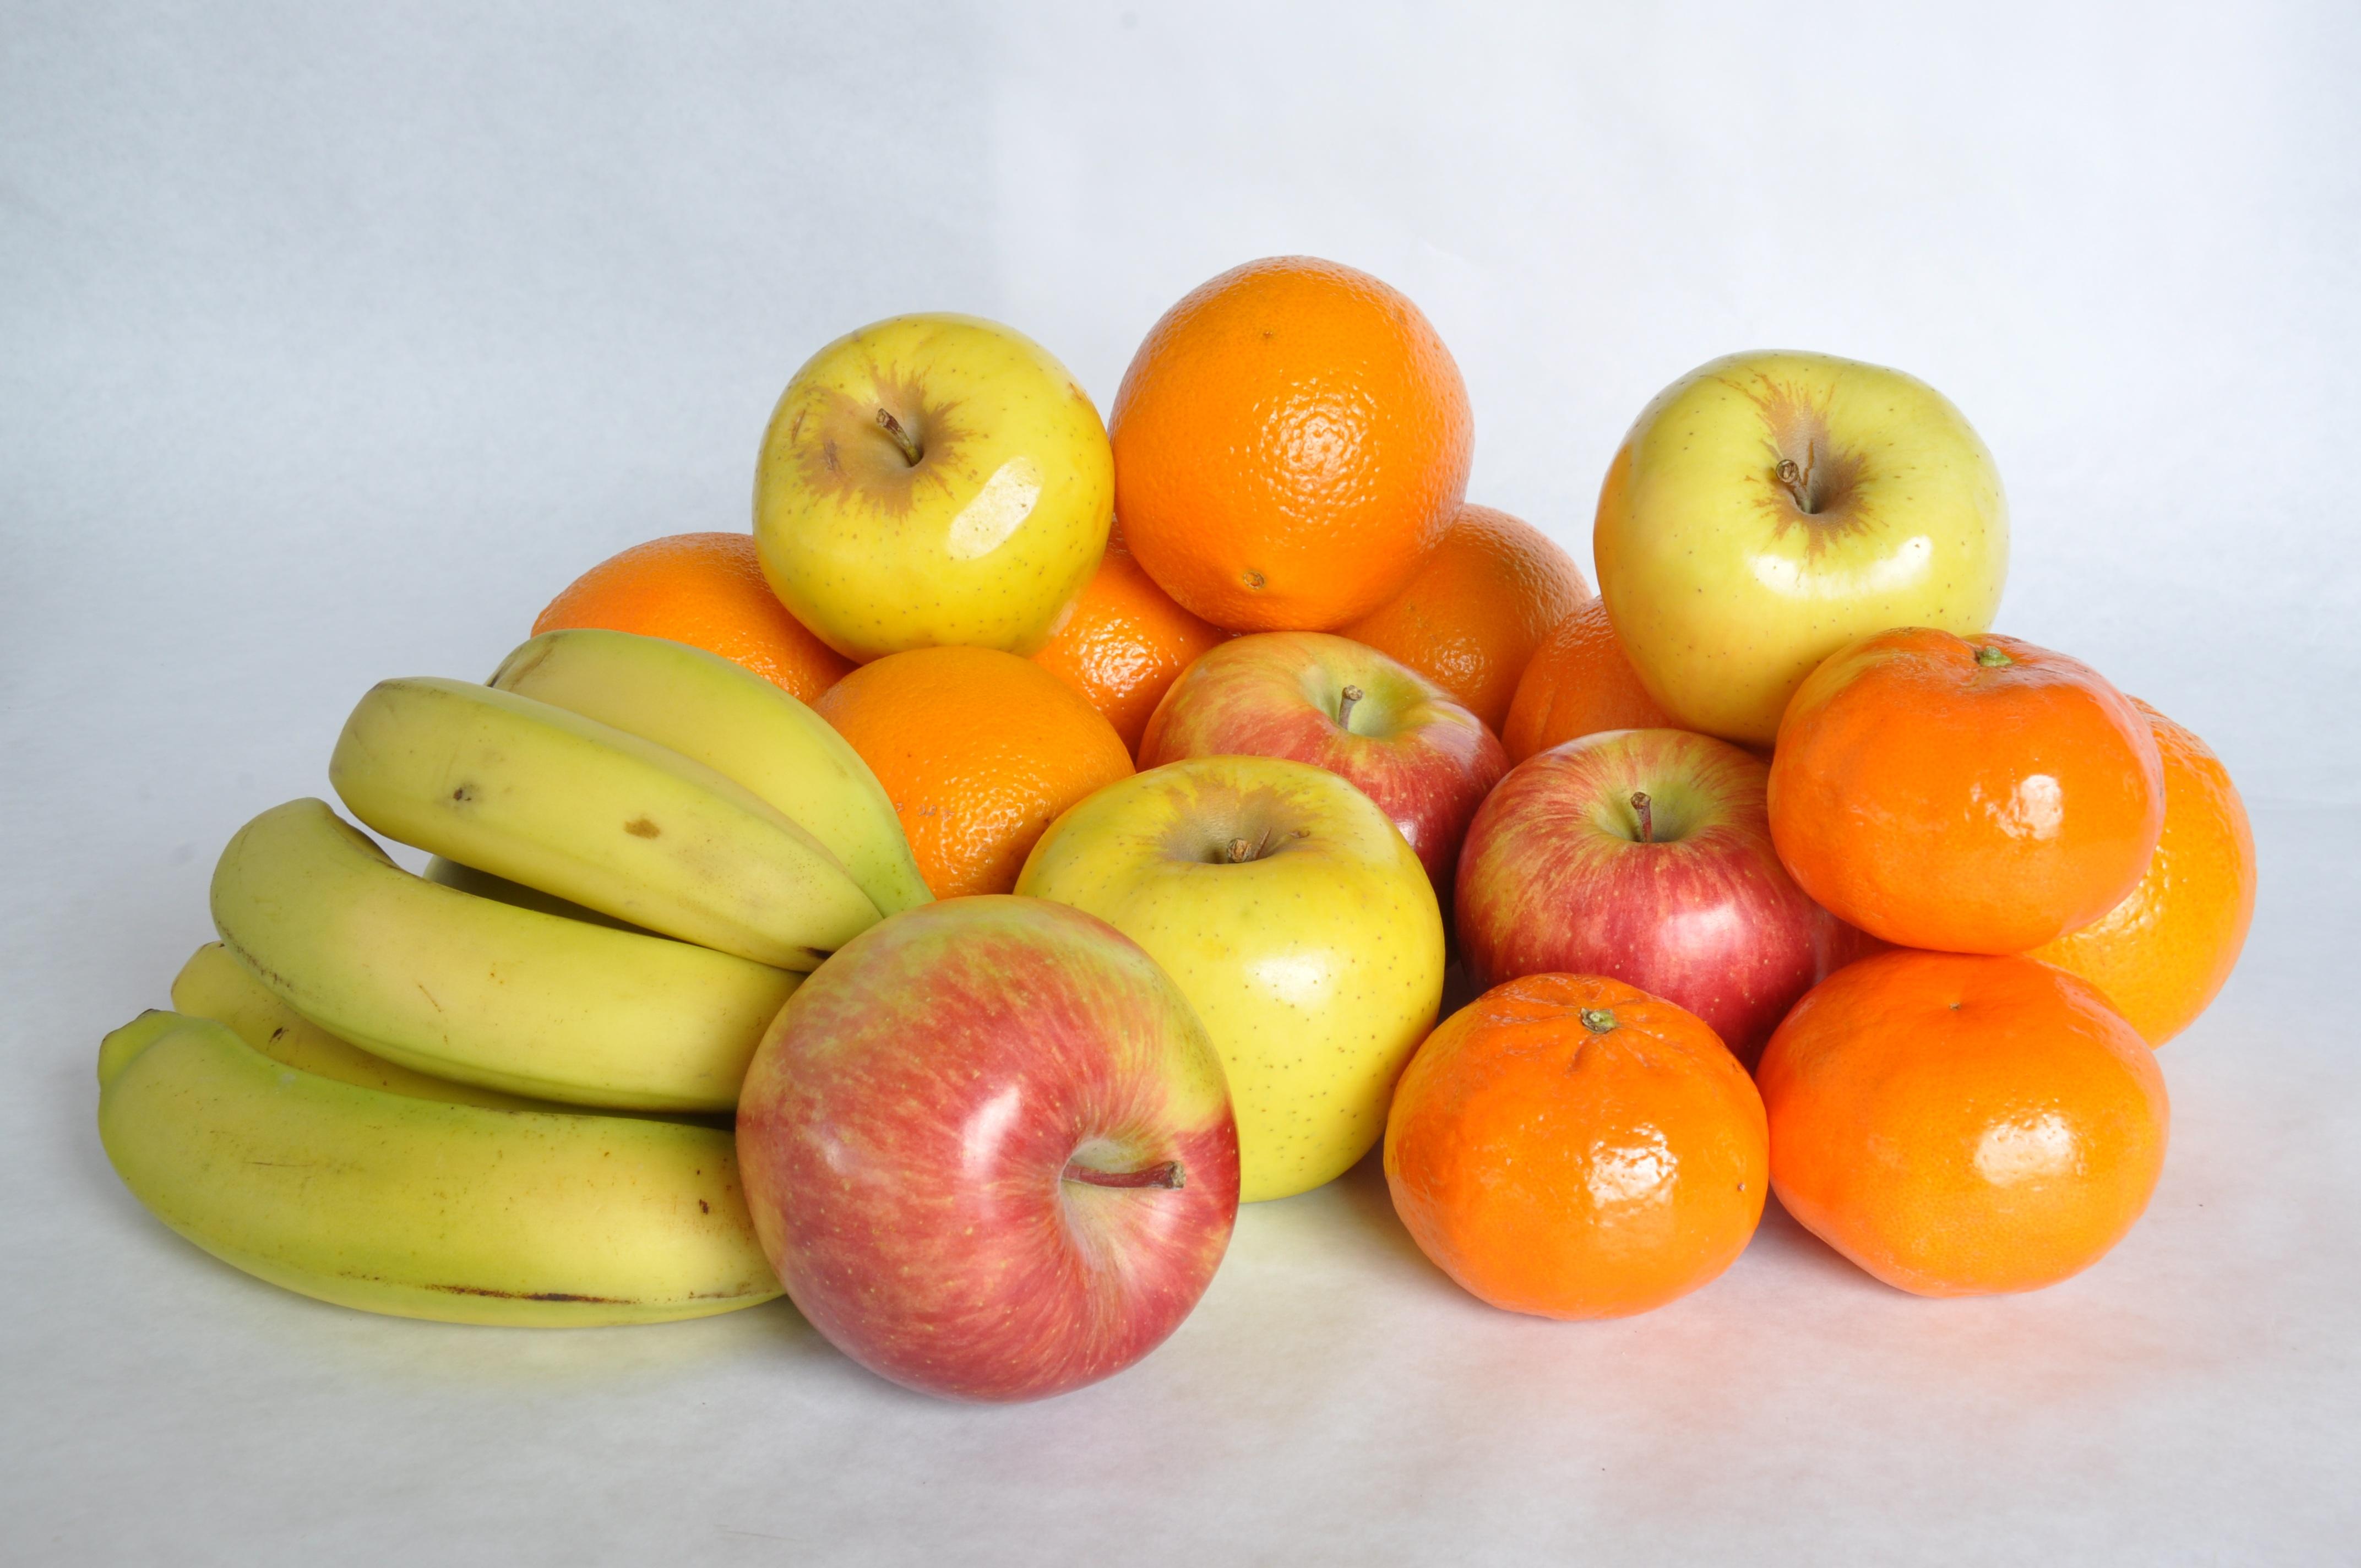 обучение картинка апельсина и яблоками одинаково